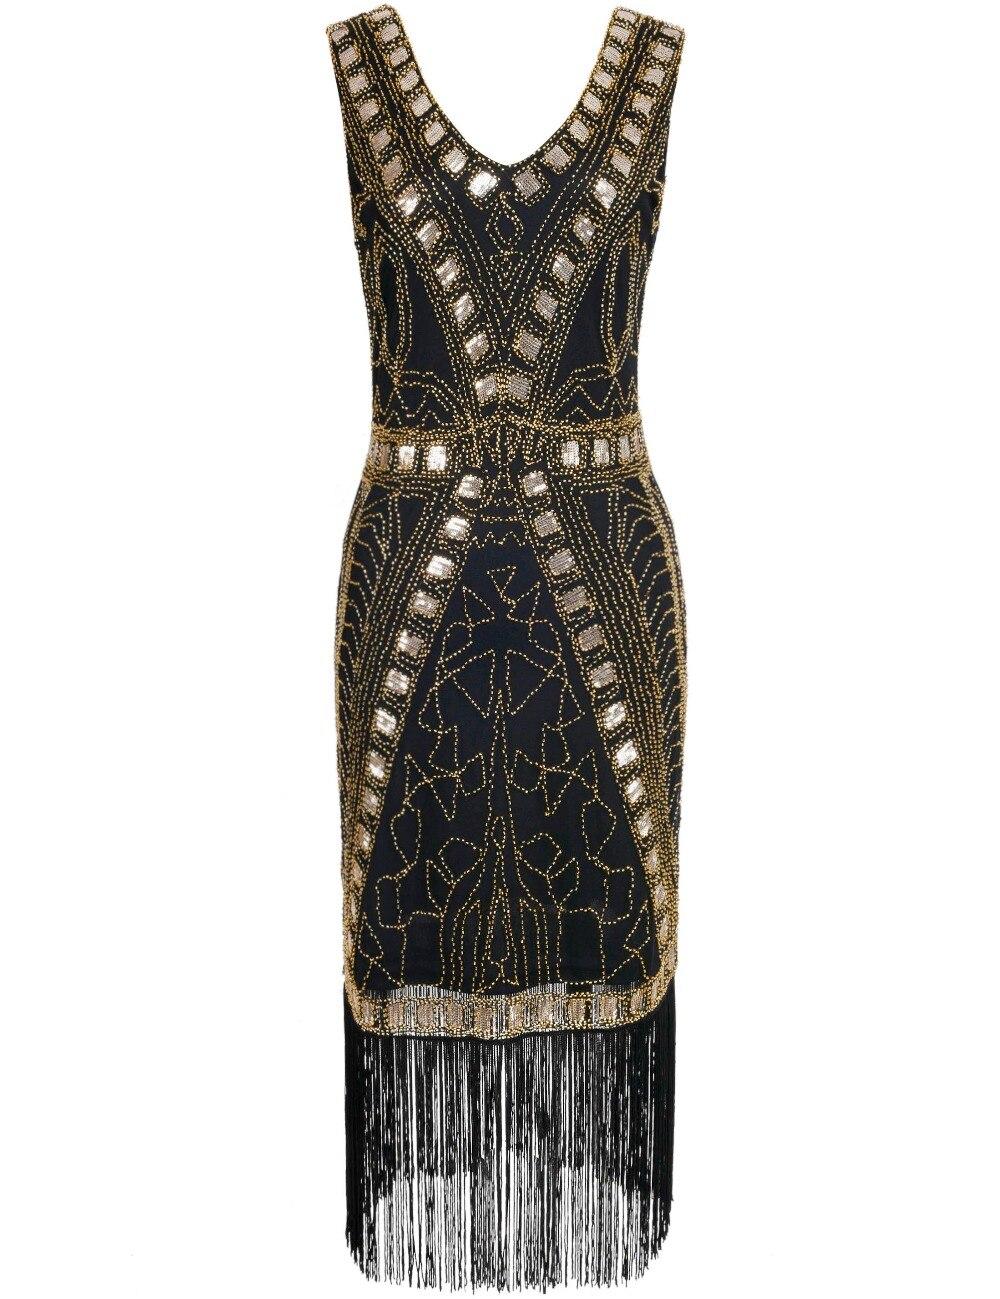 Online Get Cheap Macys Gowns -Aliexpress.com | Alibaba Group